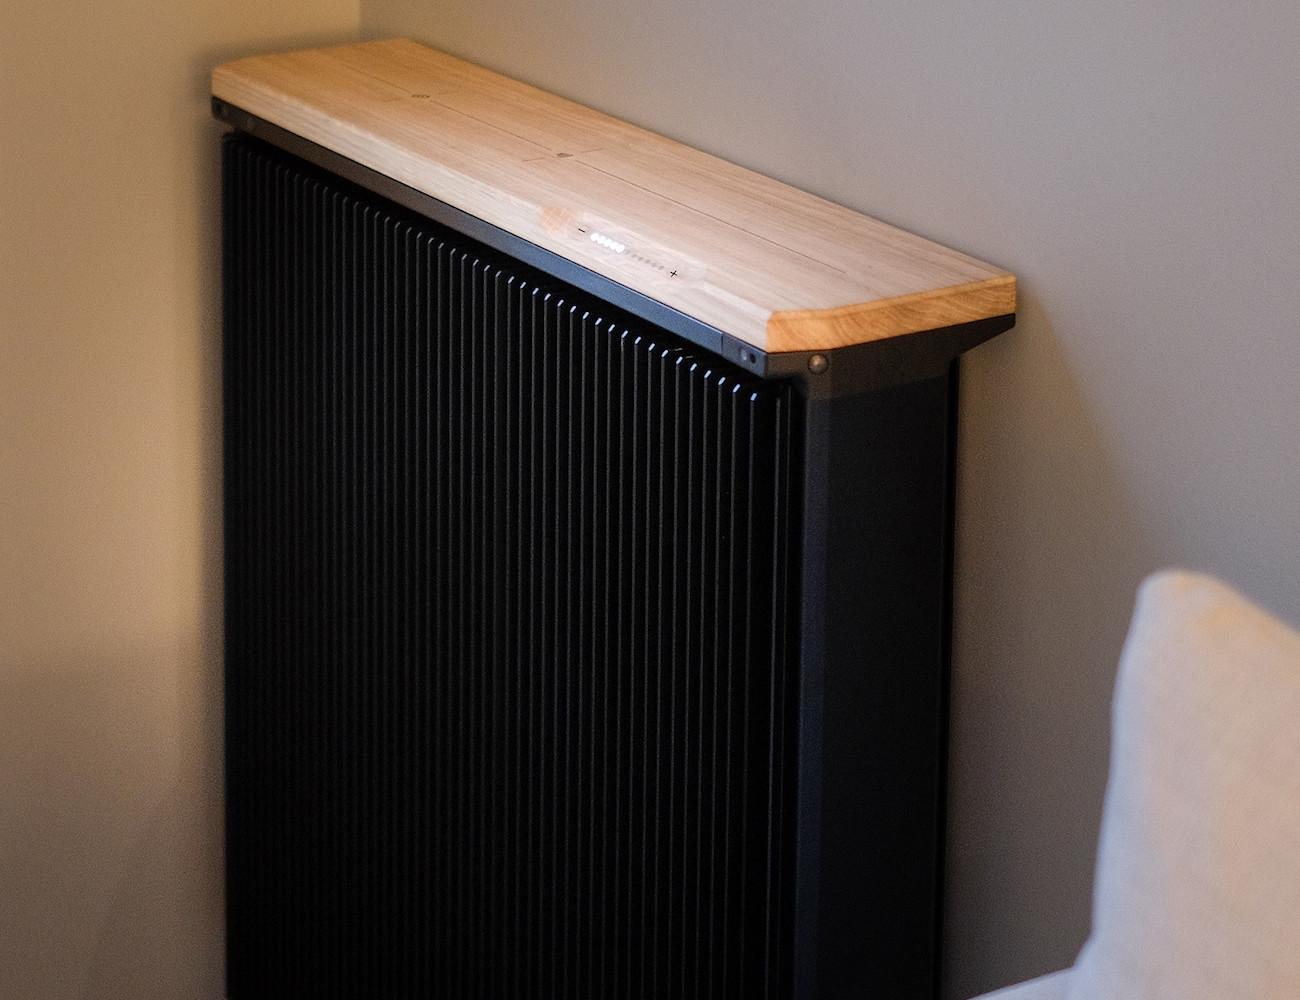 Qarnot QC-1 Noiseless Crypto Heater